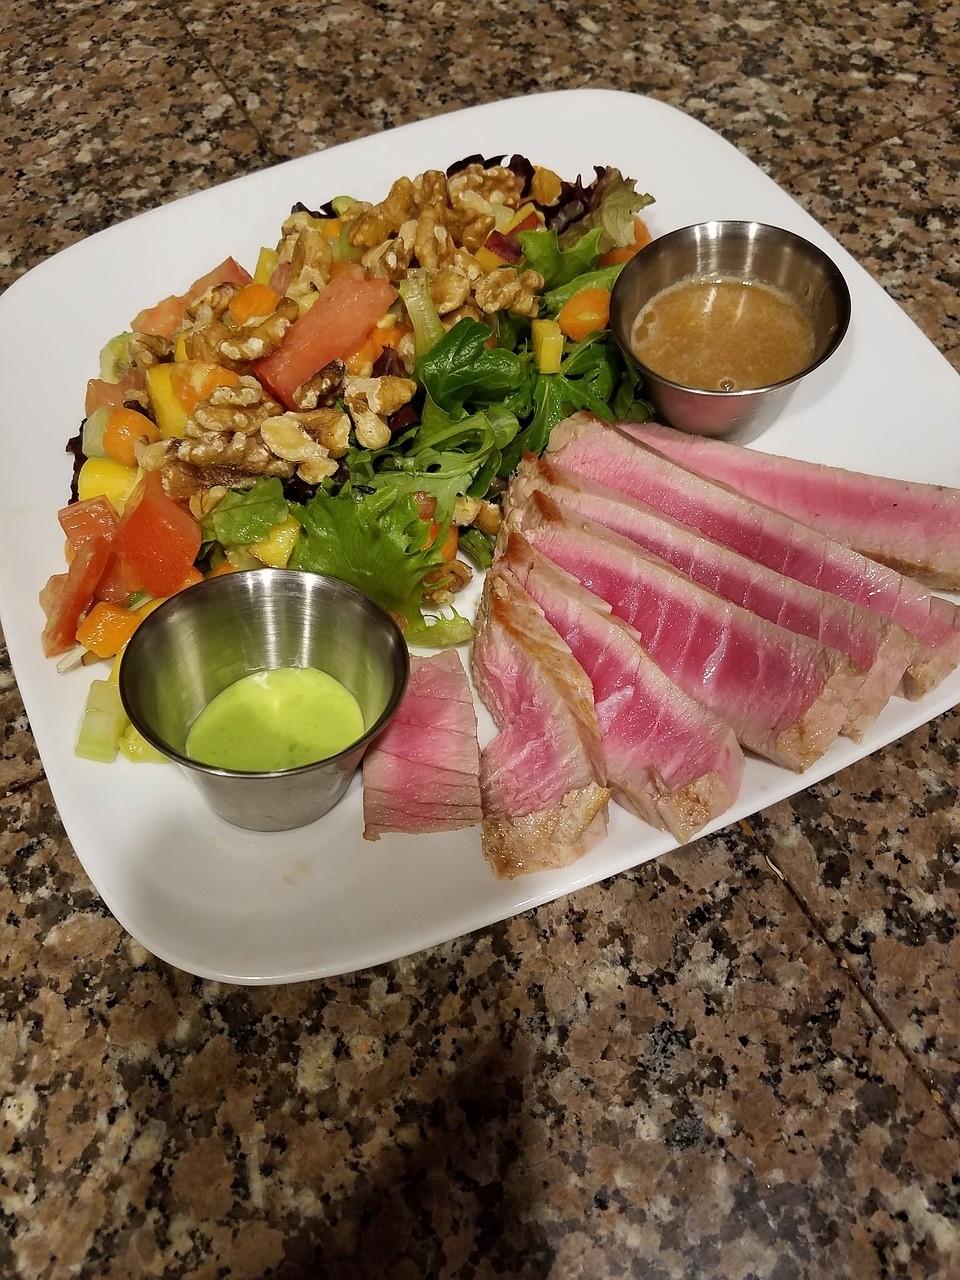 pokrm wasabi - Vyrobte si domácí wasabi pesto. Hodí se na těstoviny i noky